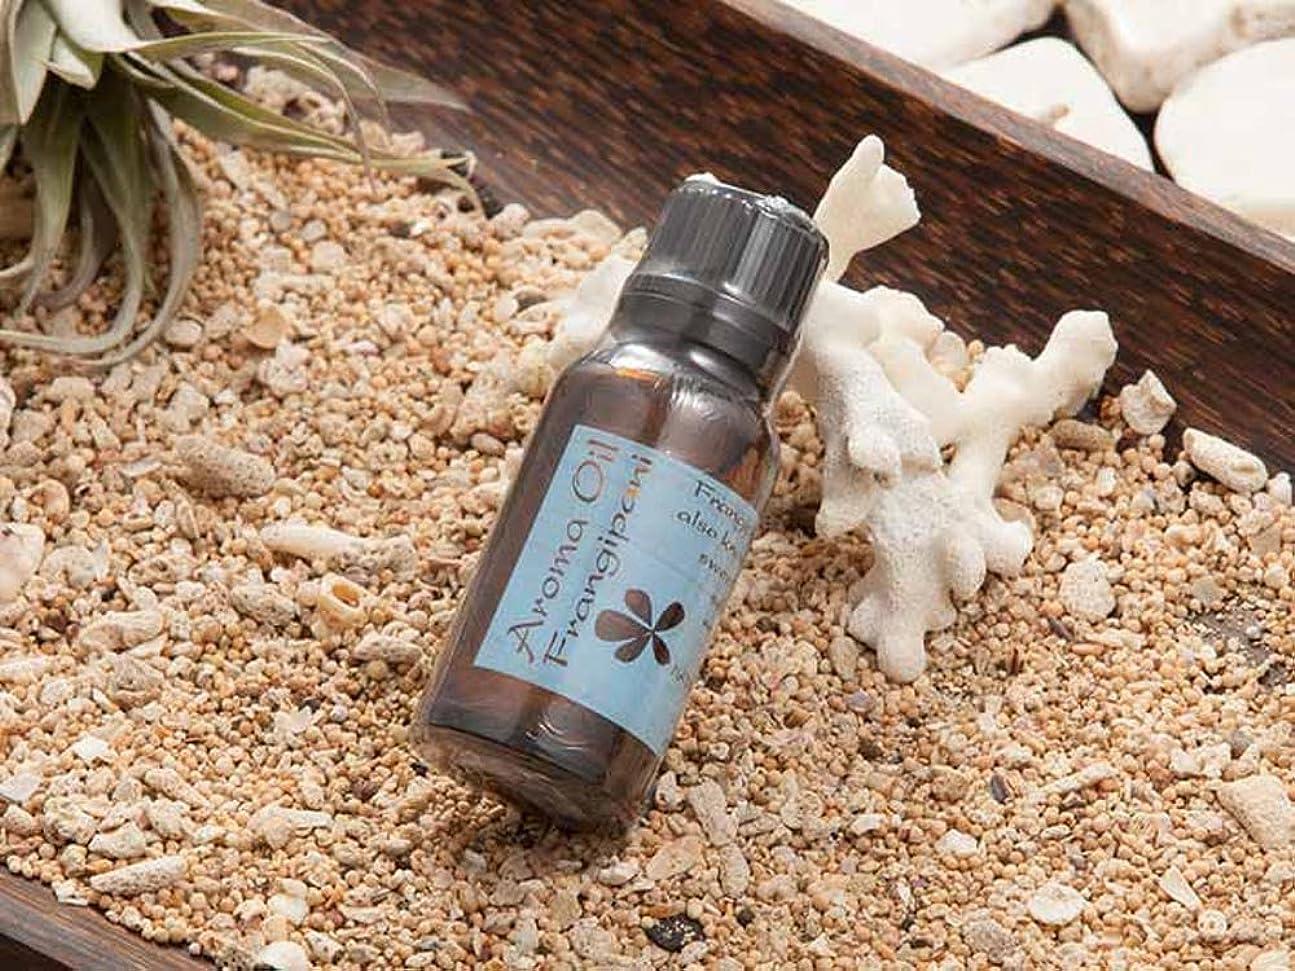 後者わかりやすい優先権寛ぎのひと時にアジアンな癒しの香りを アロマフレグランスオイル 5種の香り (アラムセンポールALAM ZEMPOL) (Frangipani フランジパニ)